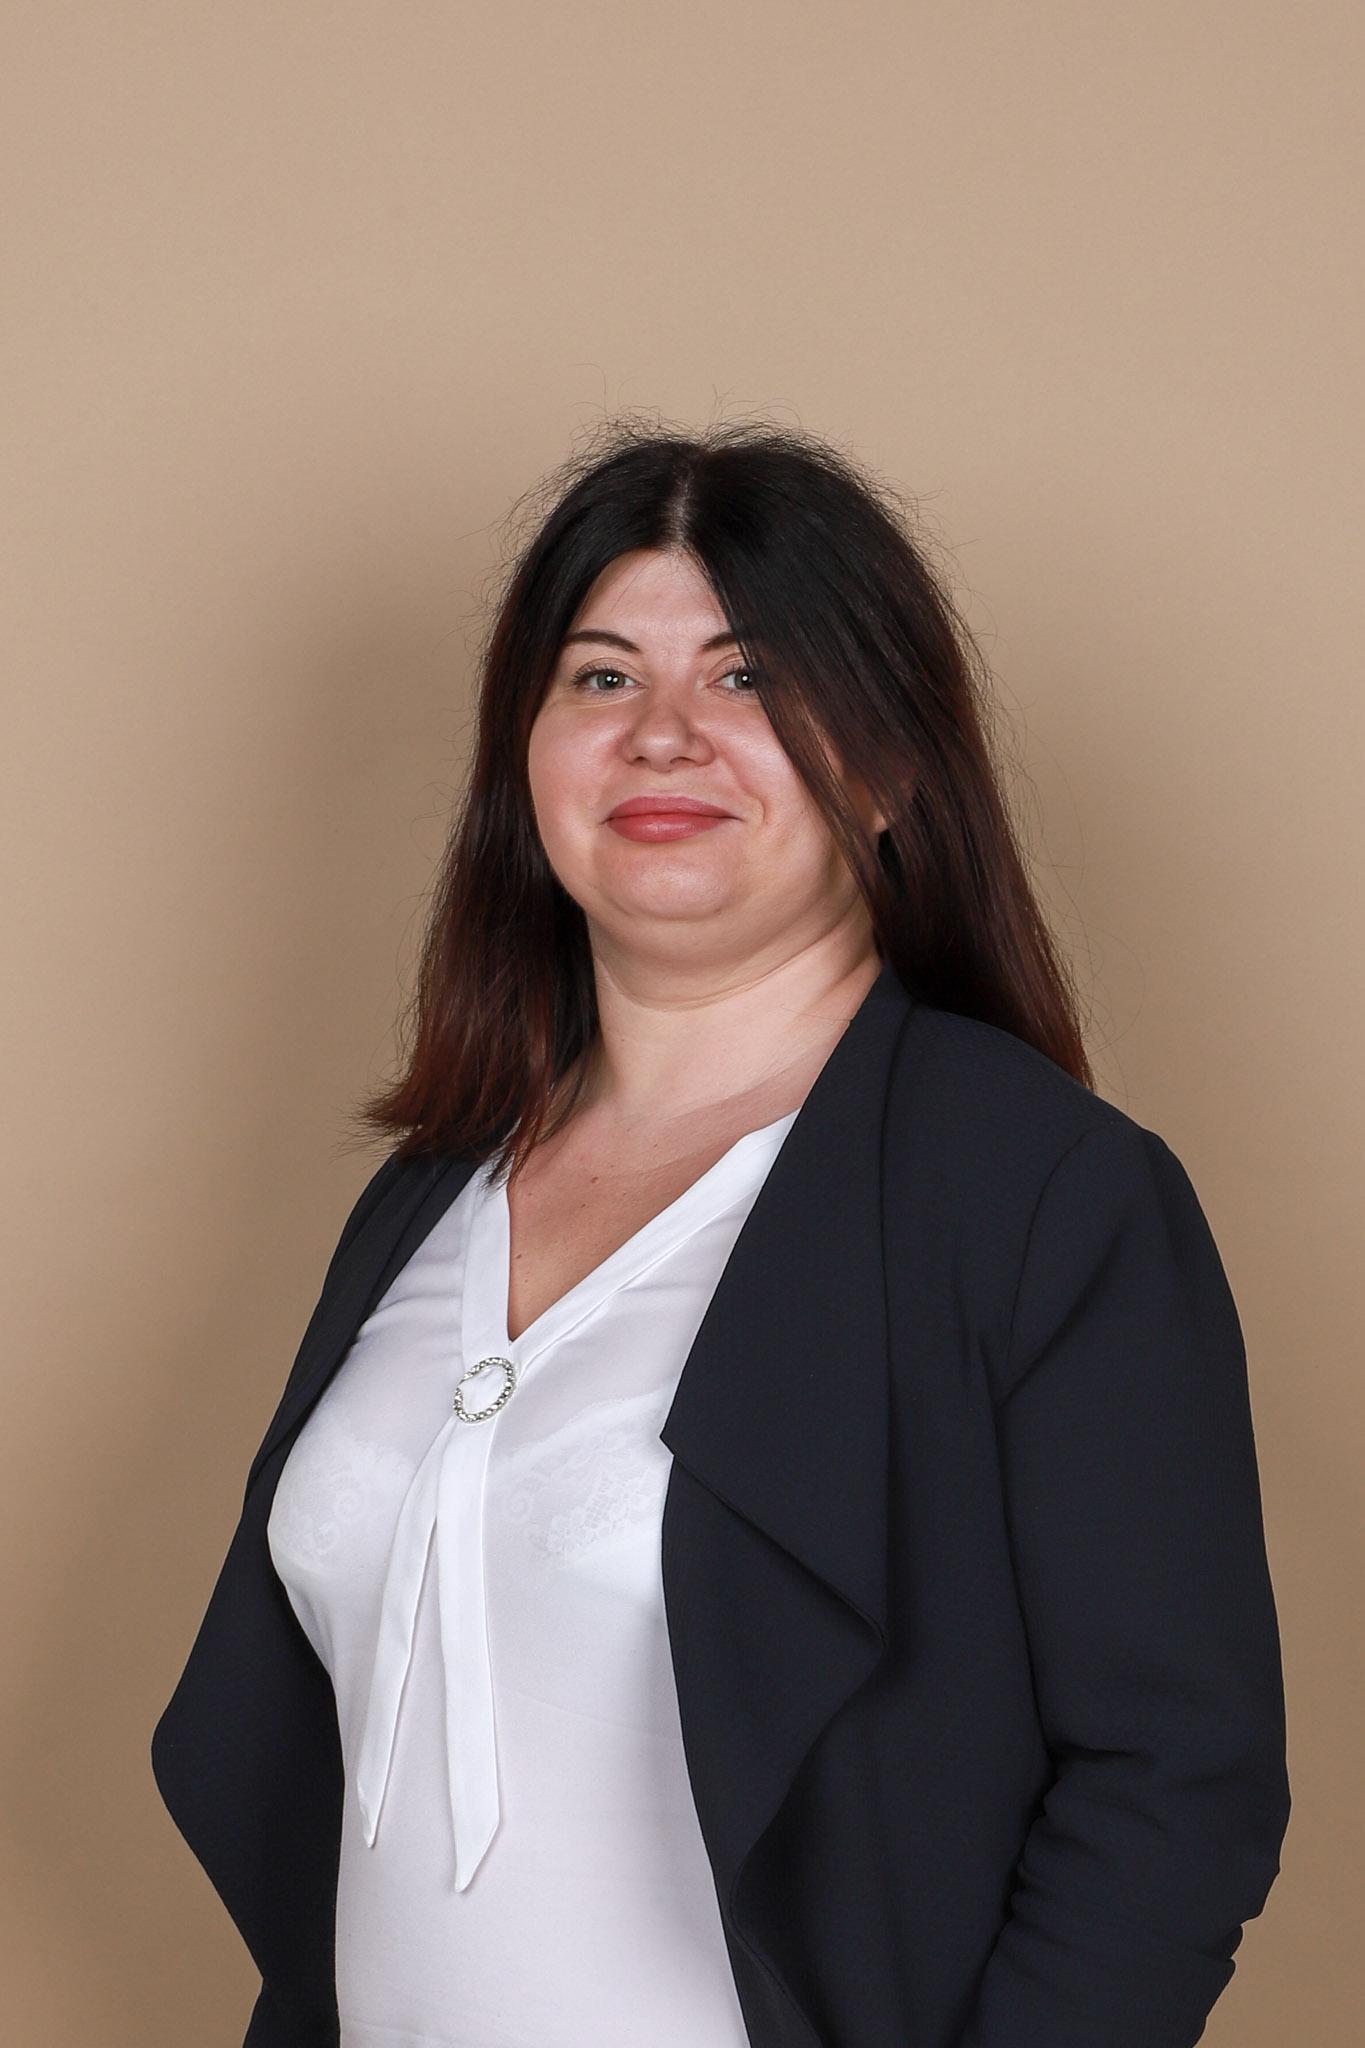 TATJANA SHVETSOVA